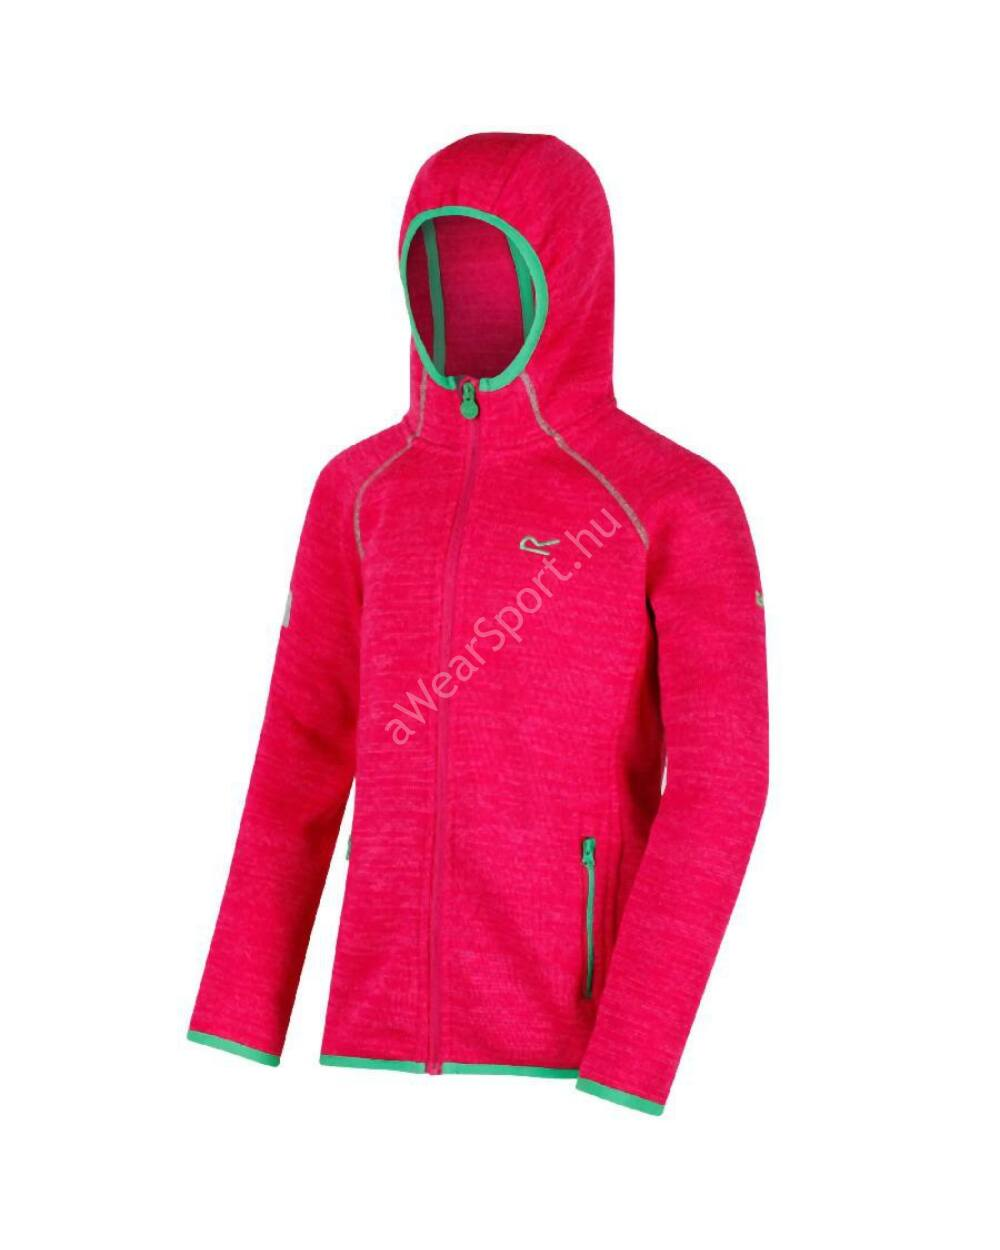 Regatta Dissolver gyerek polár felső, pink, 9-10 éves